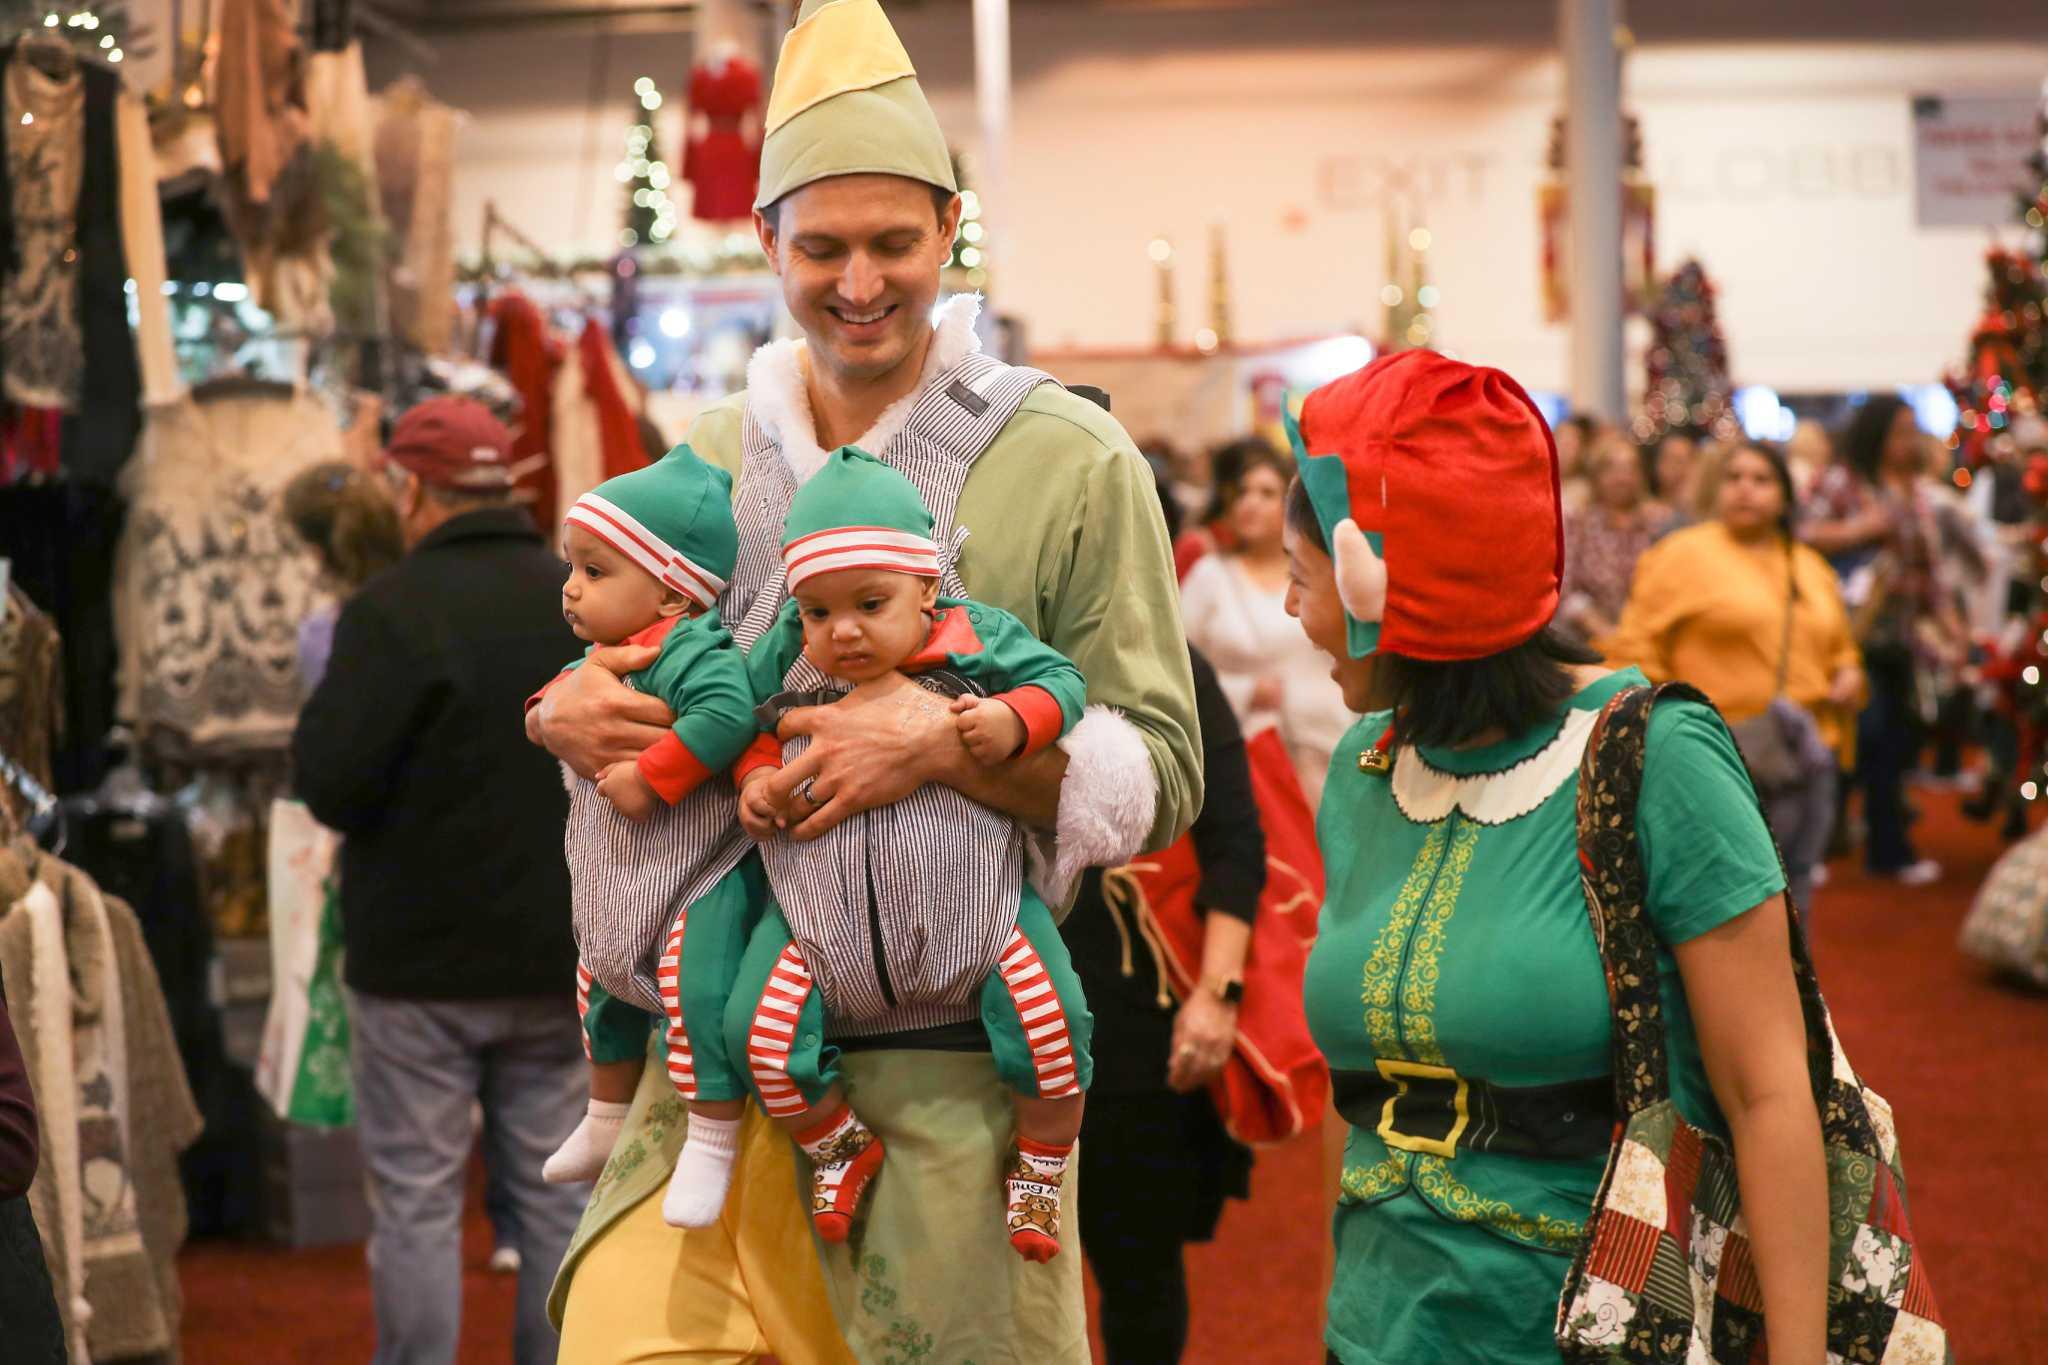 Family Fun: Flea by Night, Nutcracker Market